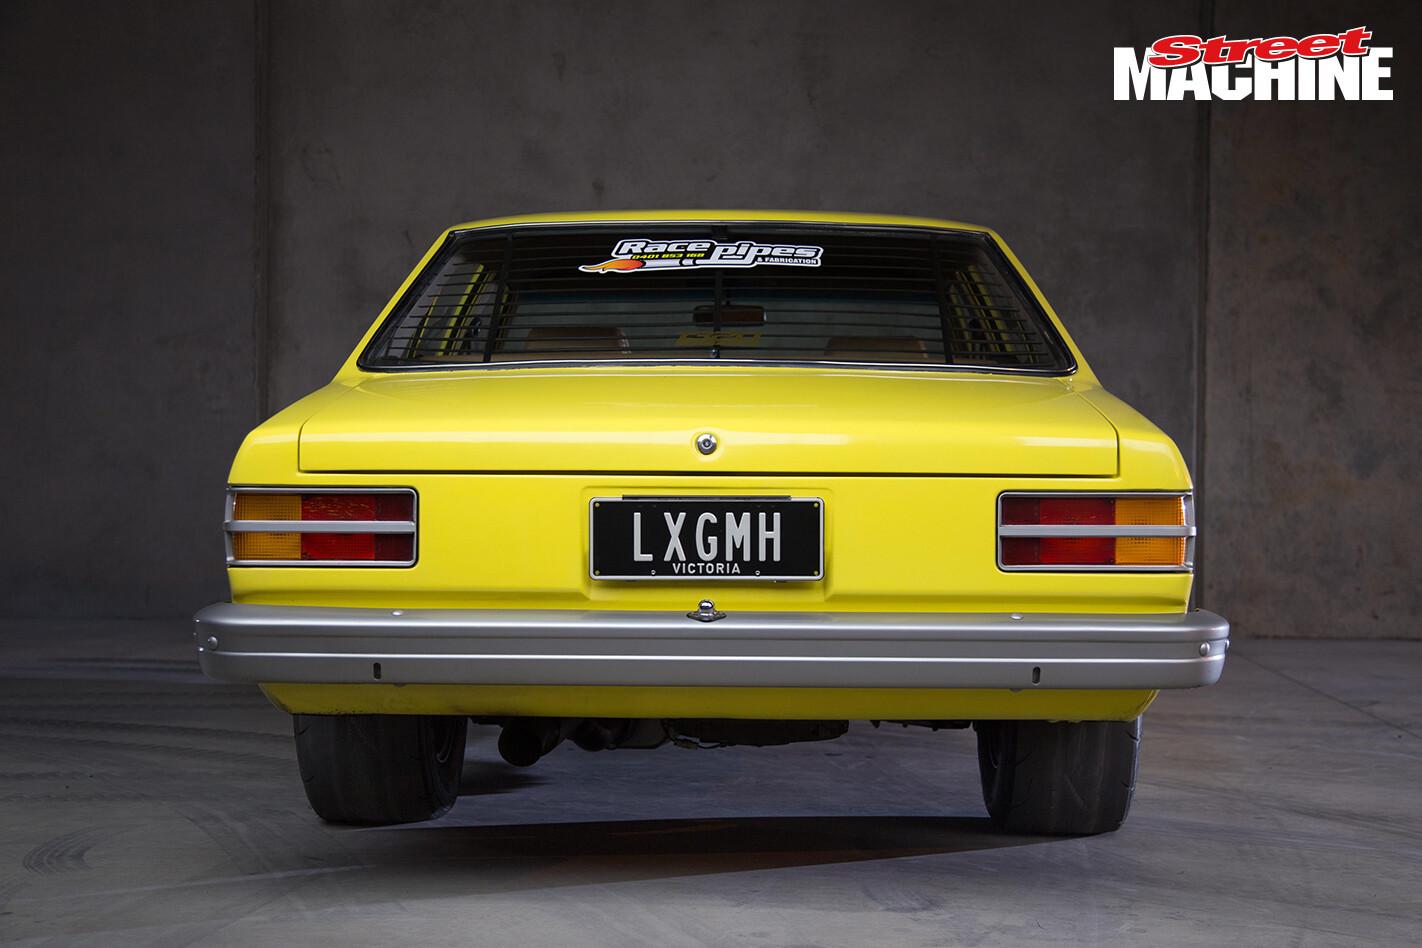 LX Torana 308 Turbo 7 Nw